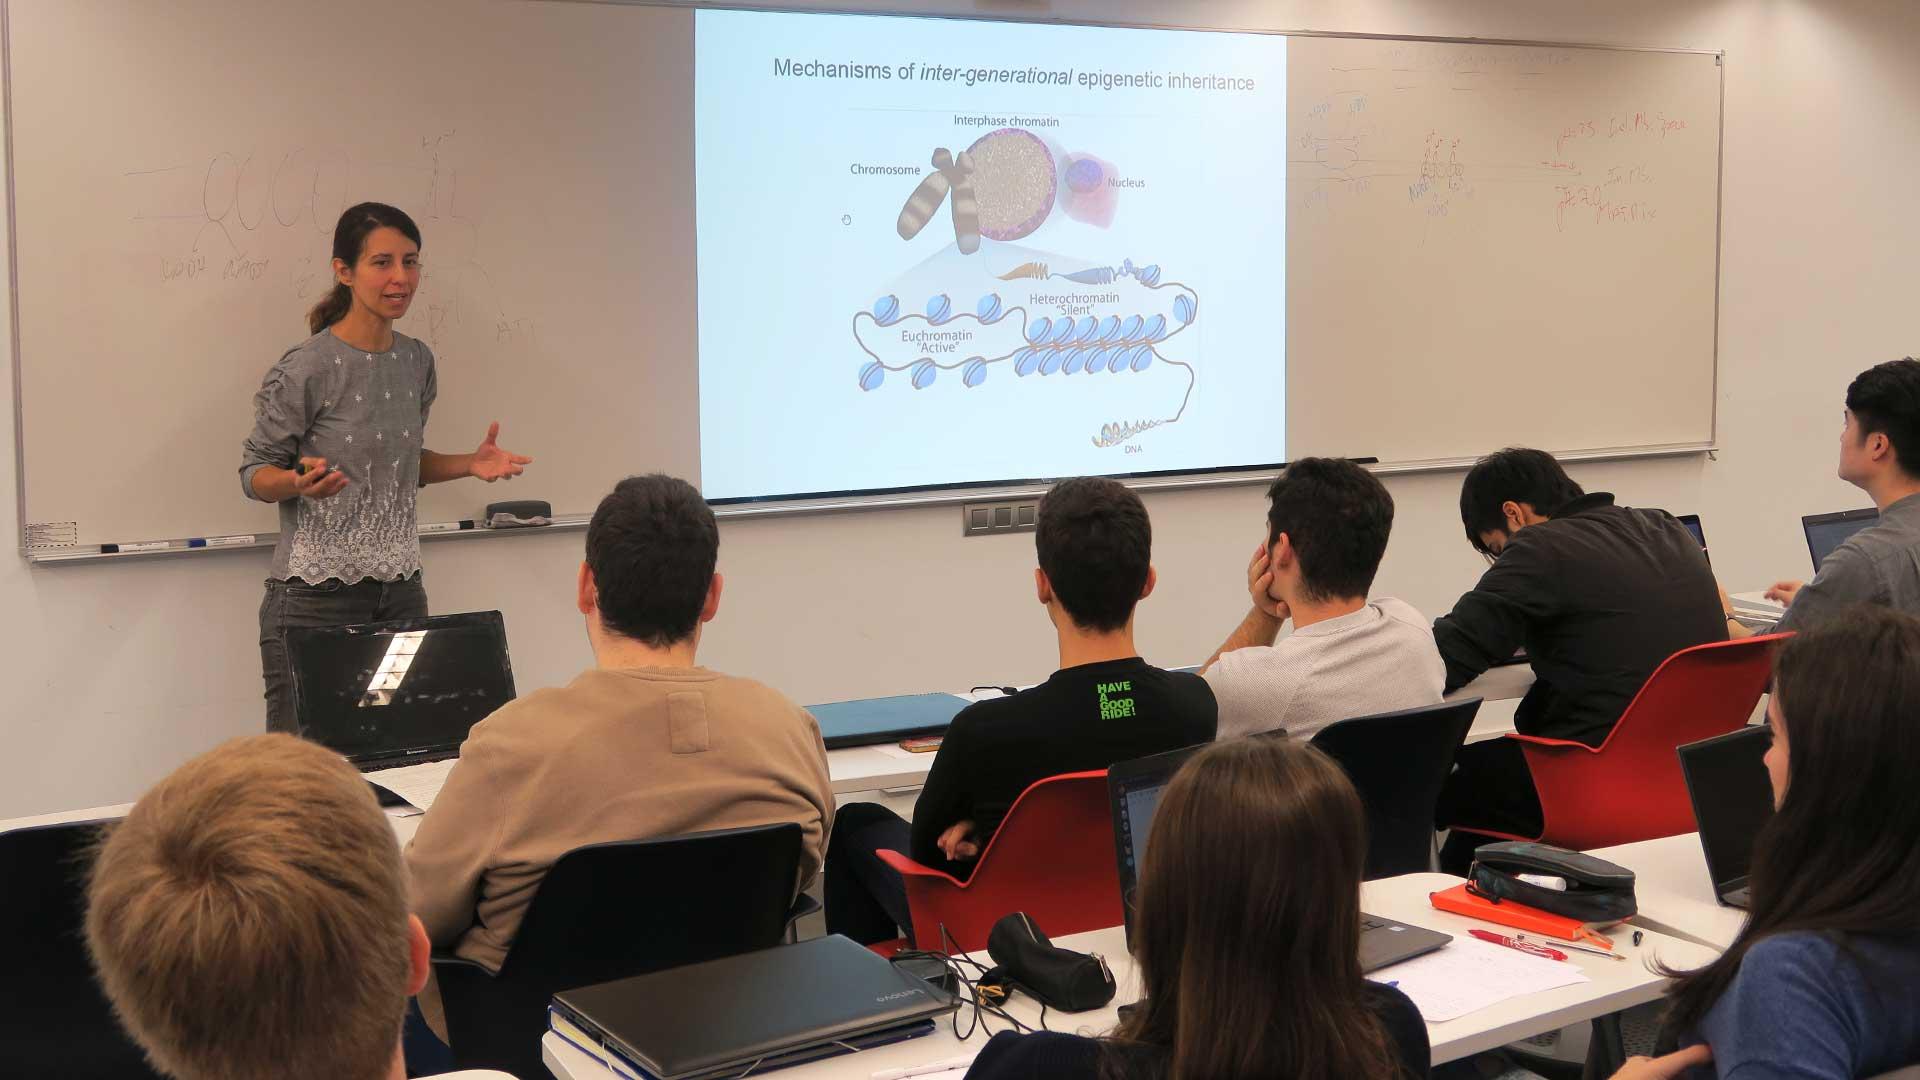 Conferència herència epigenètica